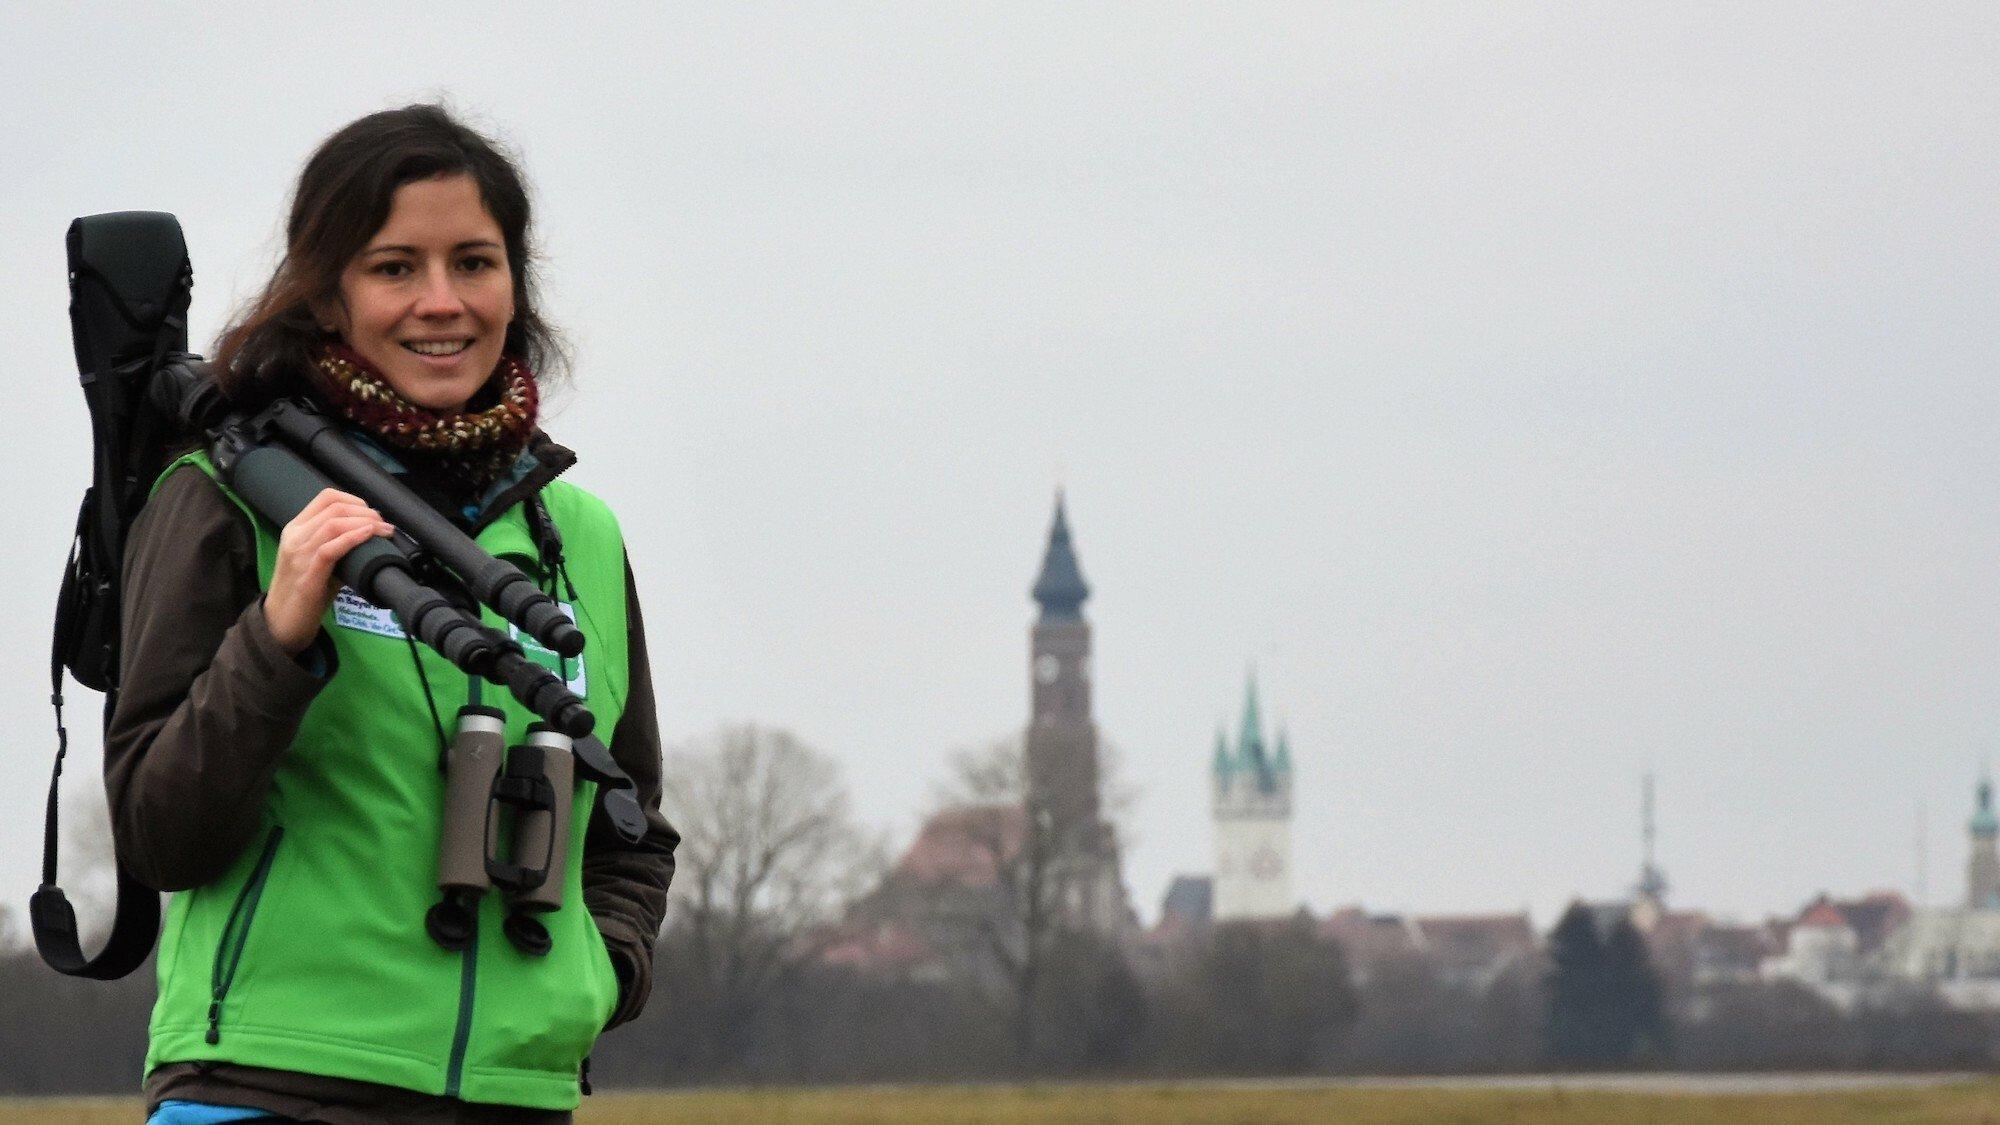 Eine junge Ornithologin steht auf einer Wiese, auf der Schulter trägt sie ein Stativ mit einem Fernrohr. Sie lächelt in die Kamera.